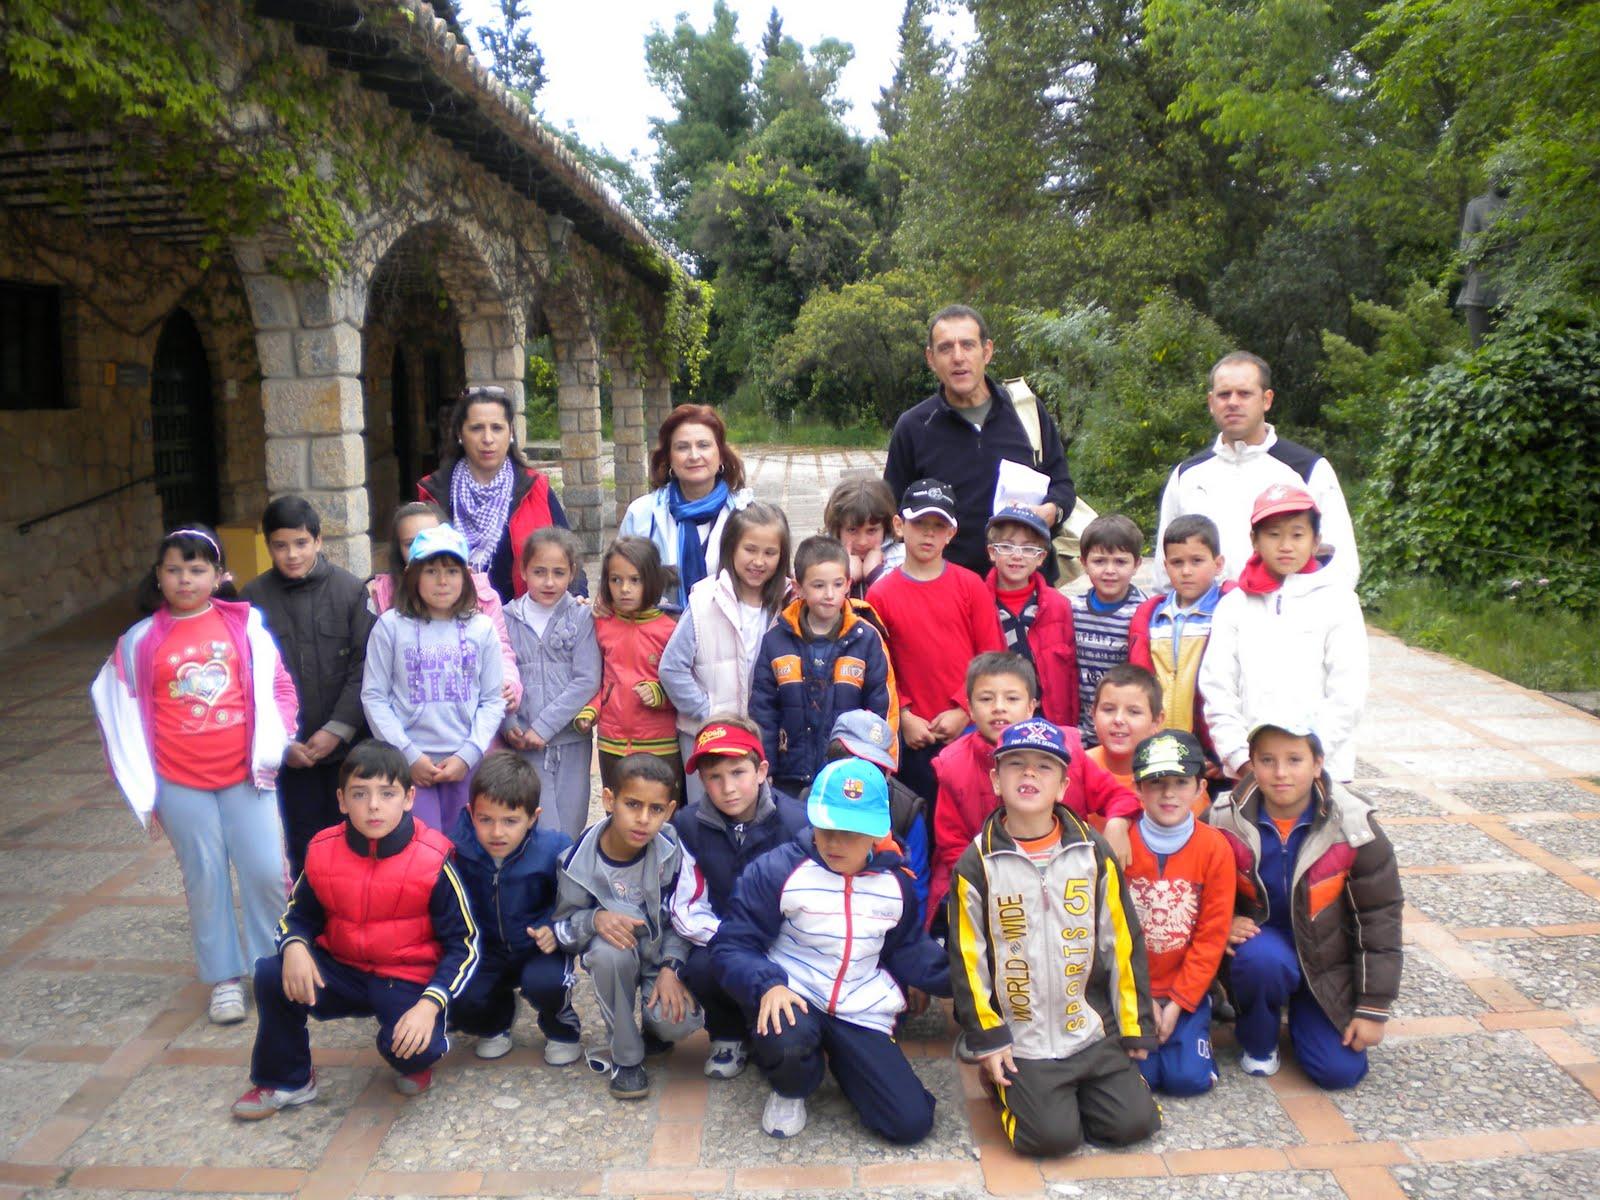 La ecoescuela del ceip antonio machado taller de ecologia for Ceip jardin botanico